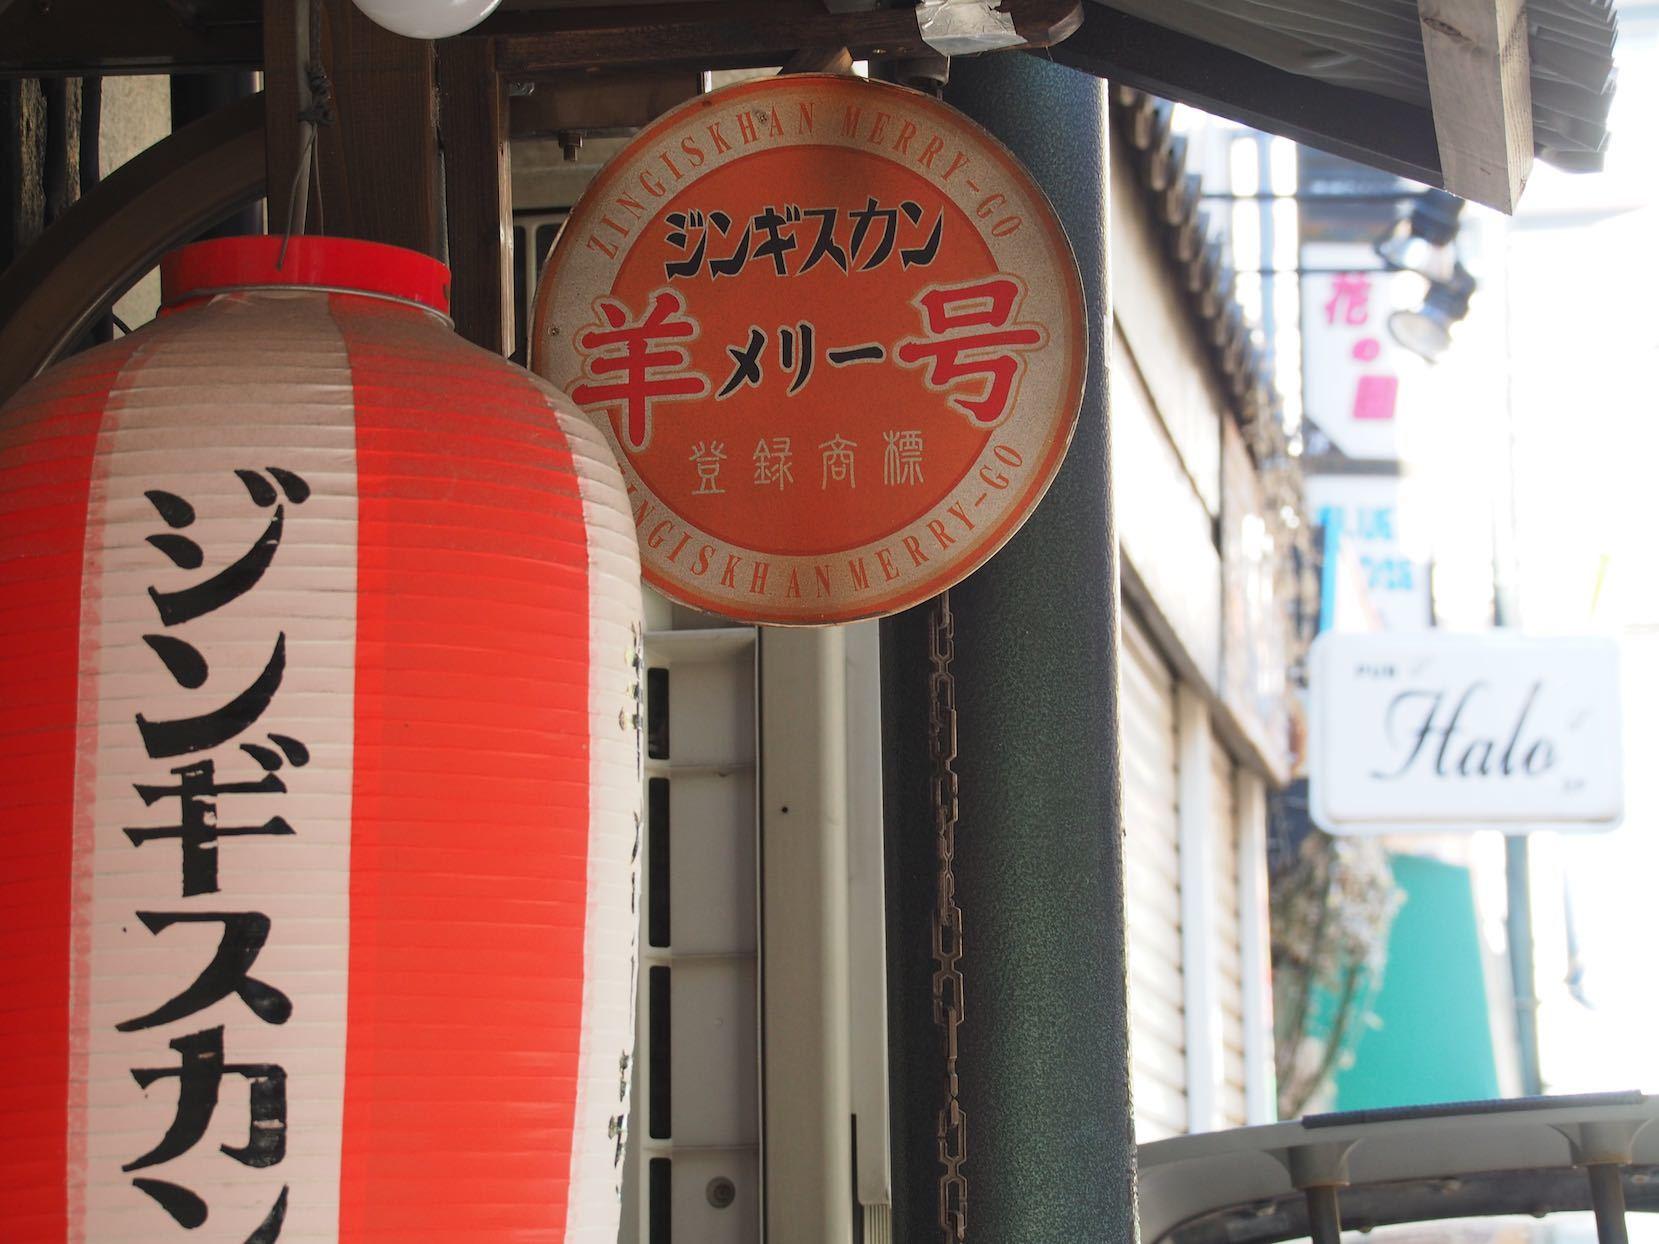 武蔵小金井駅周辺3_b0360240_23574105.jpg